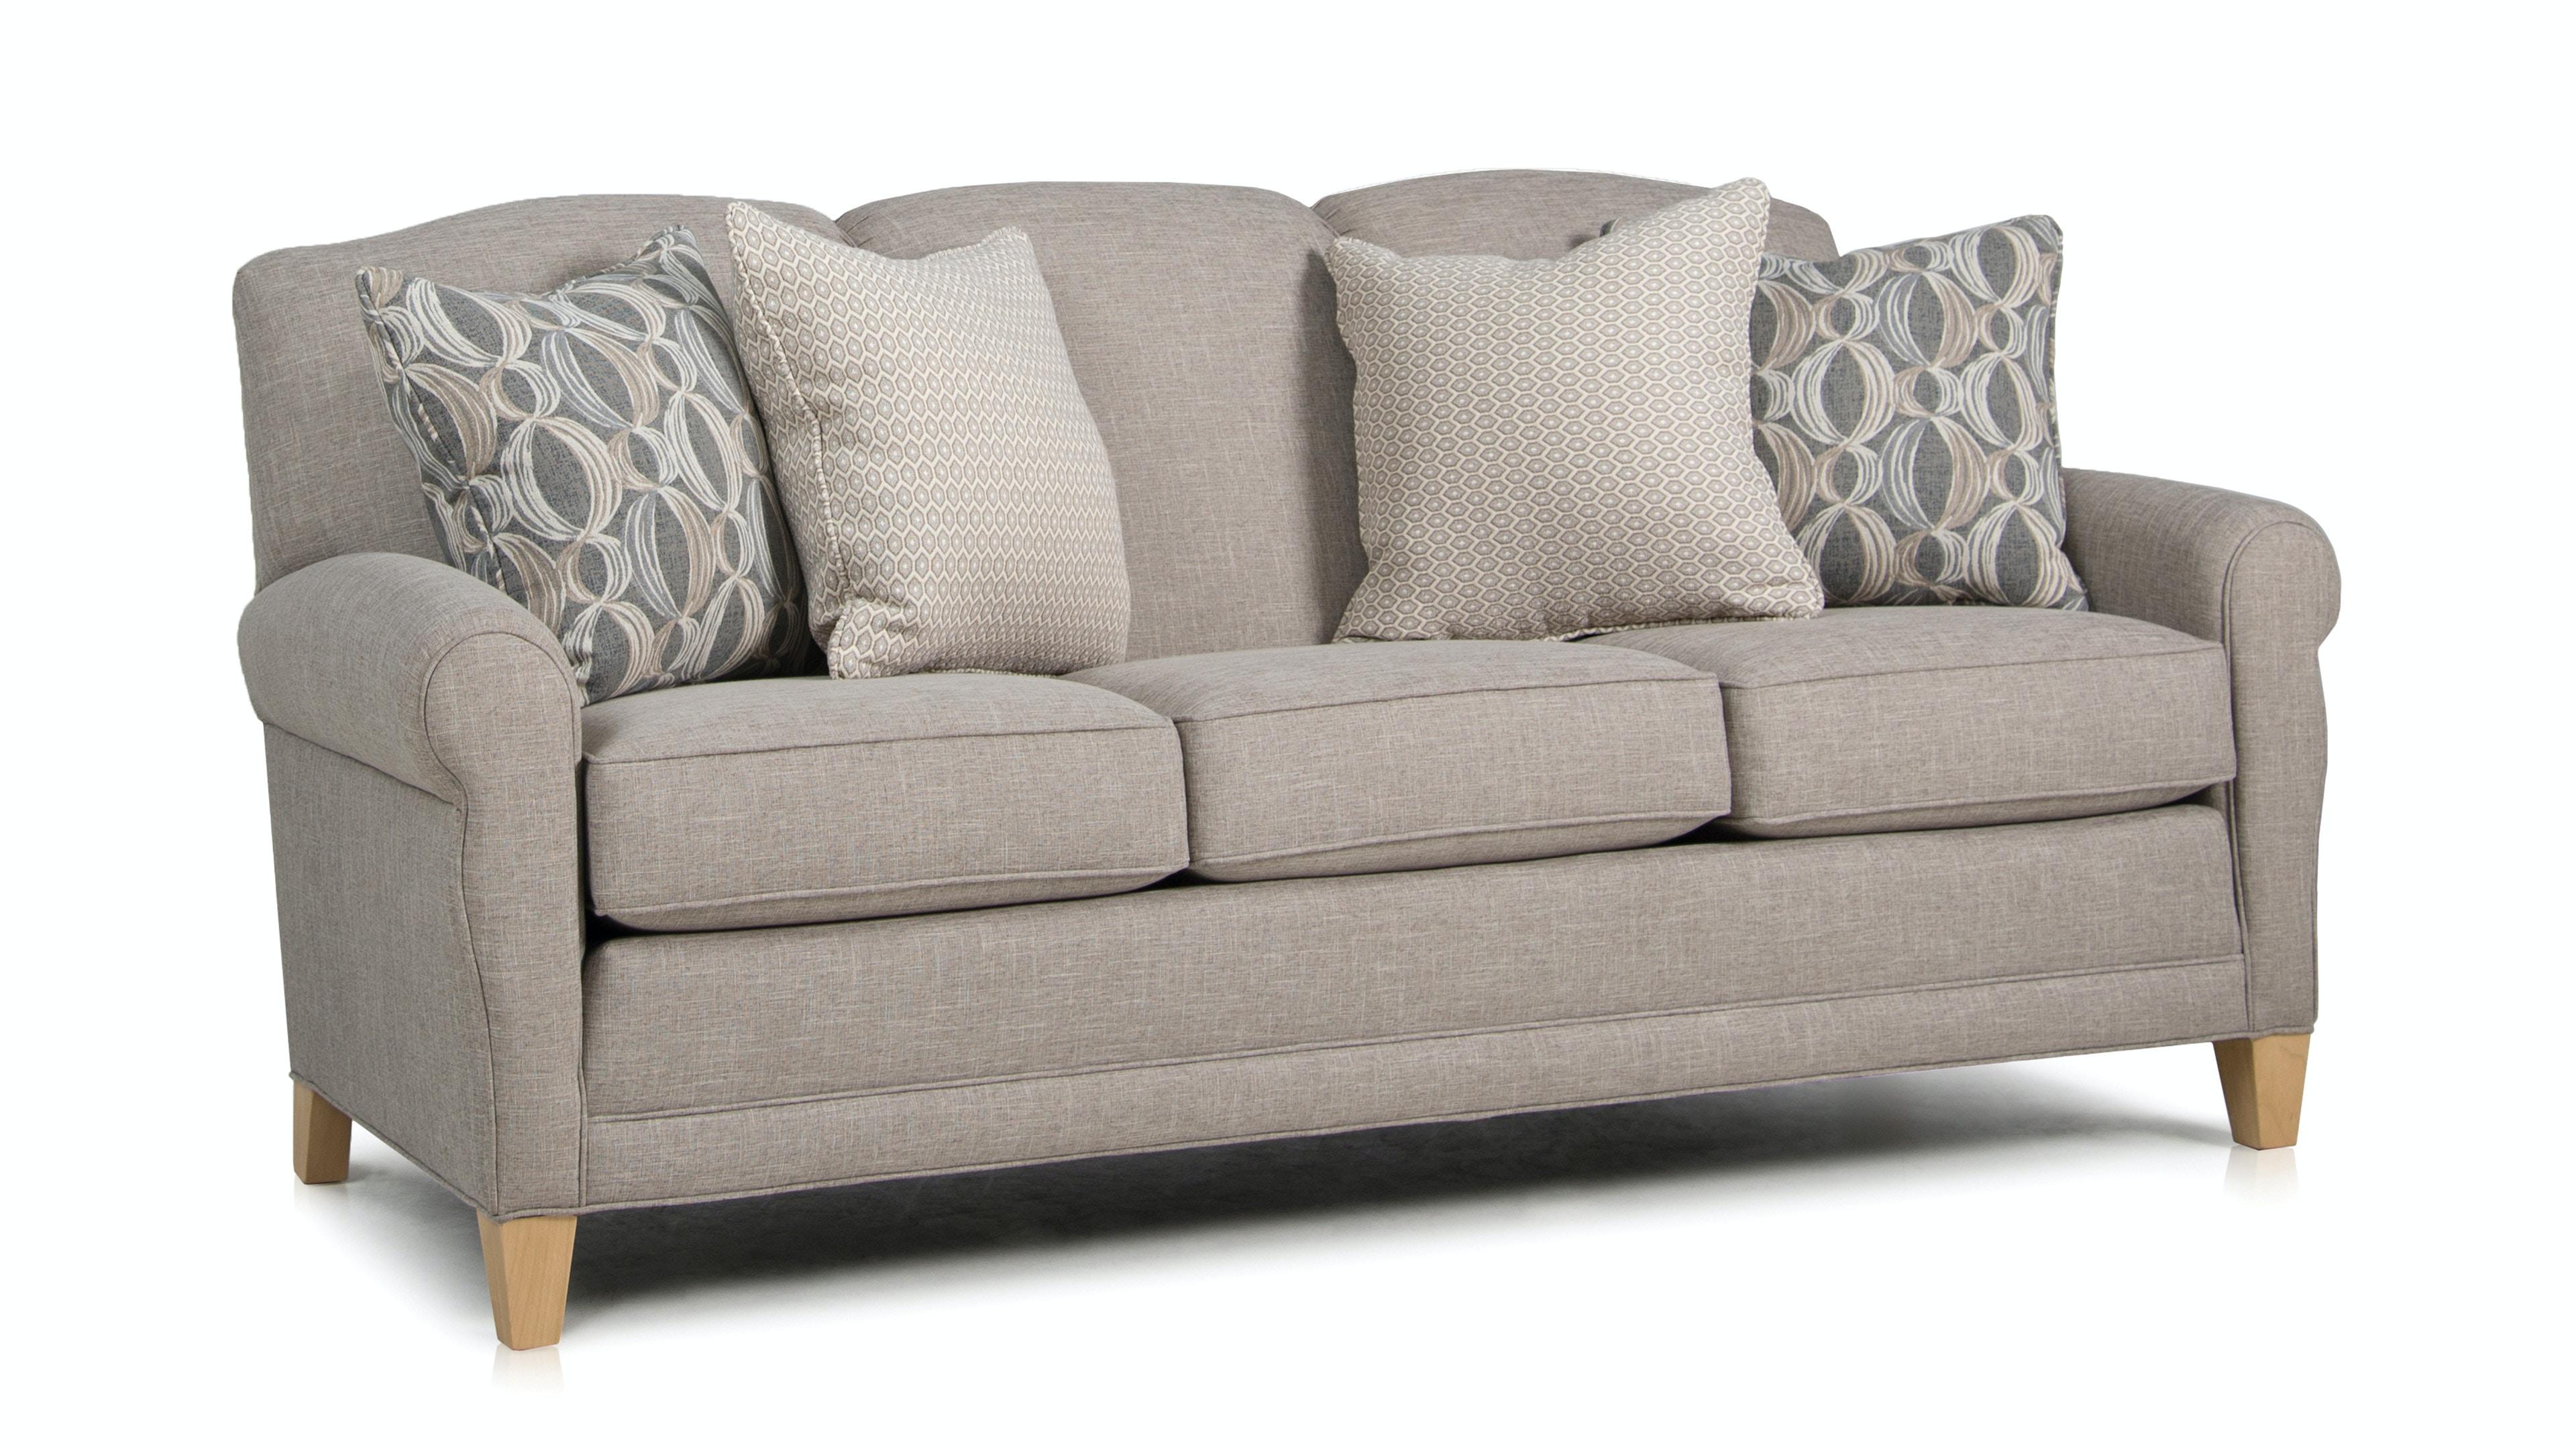 374 10. Sofa